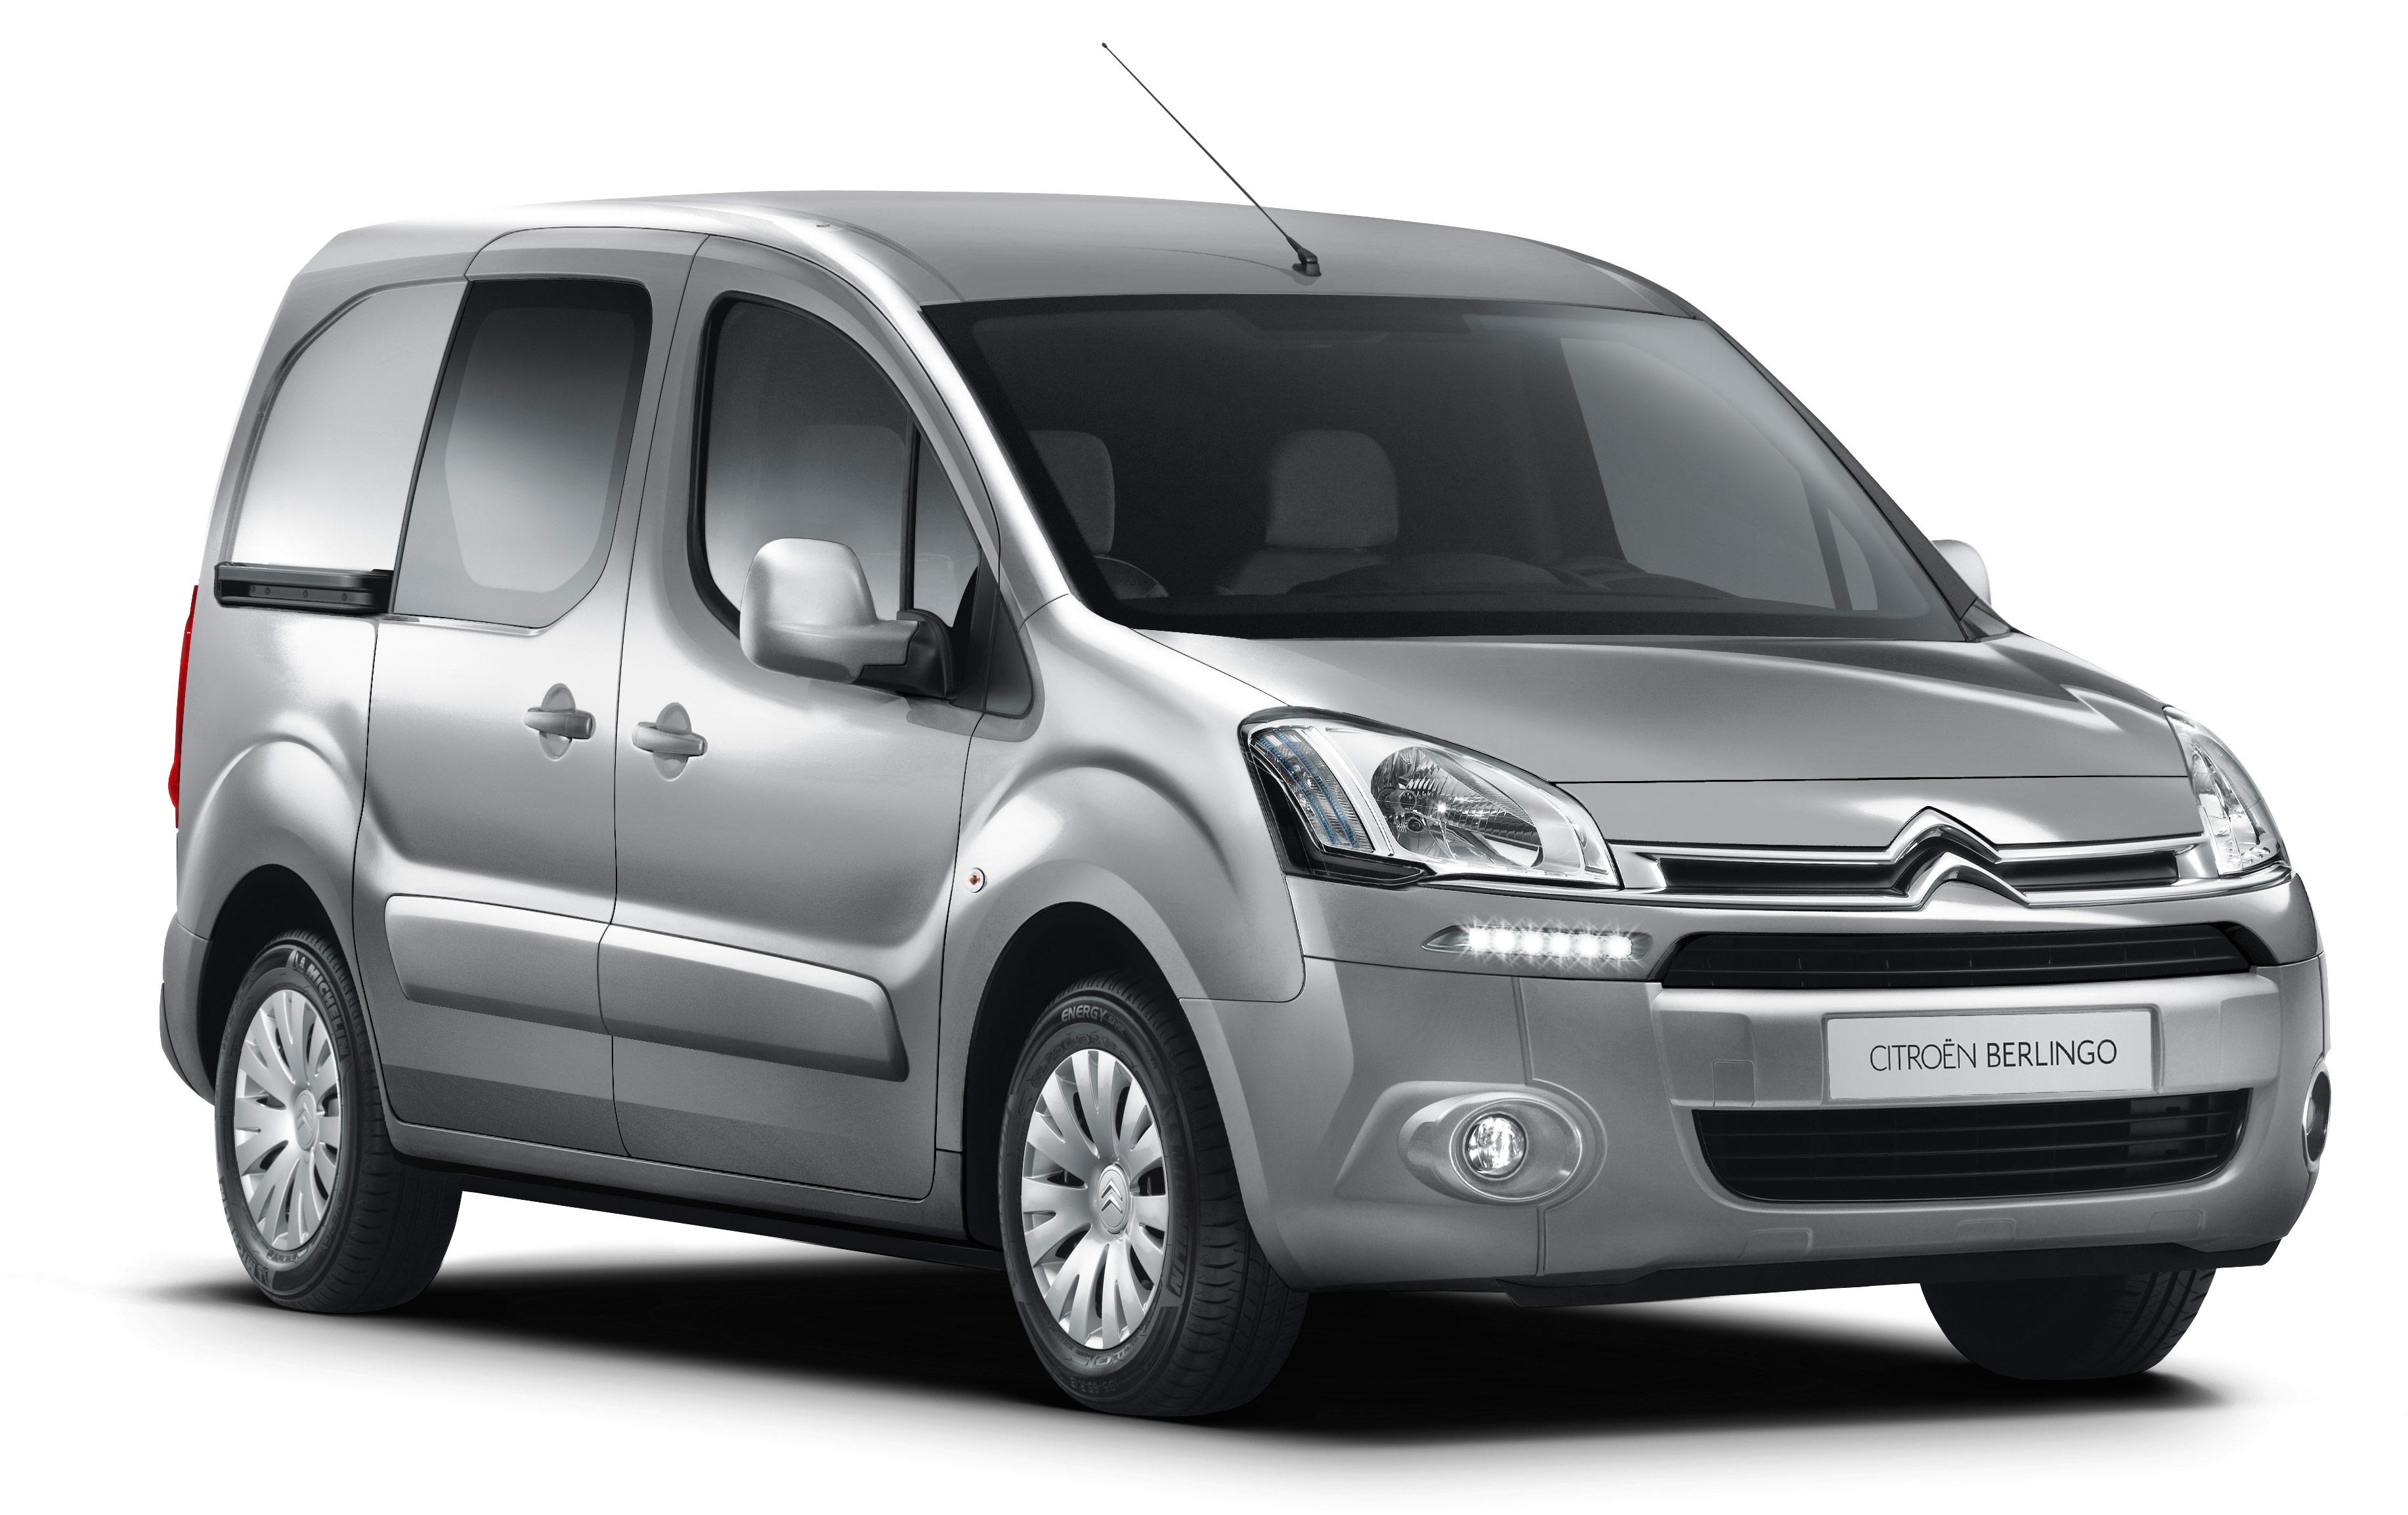 Citroën Berlingo grå